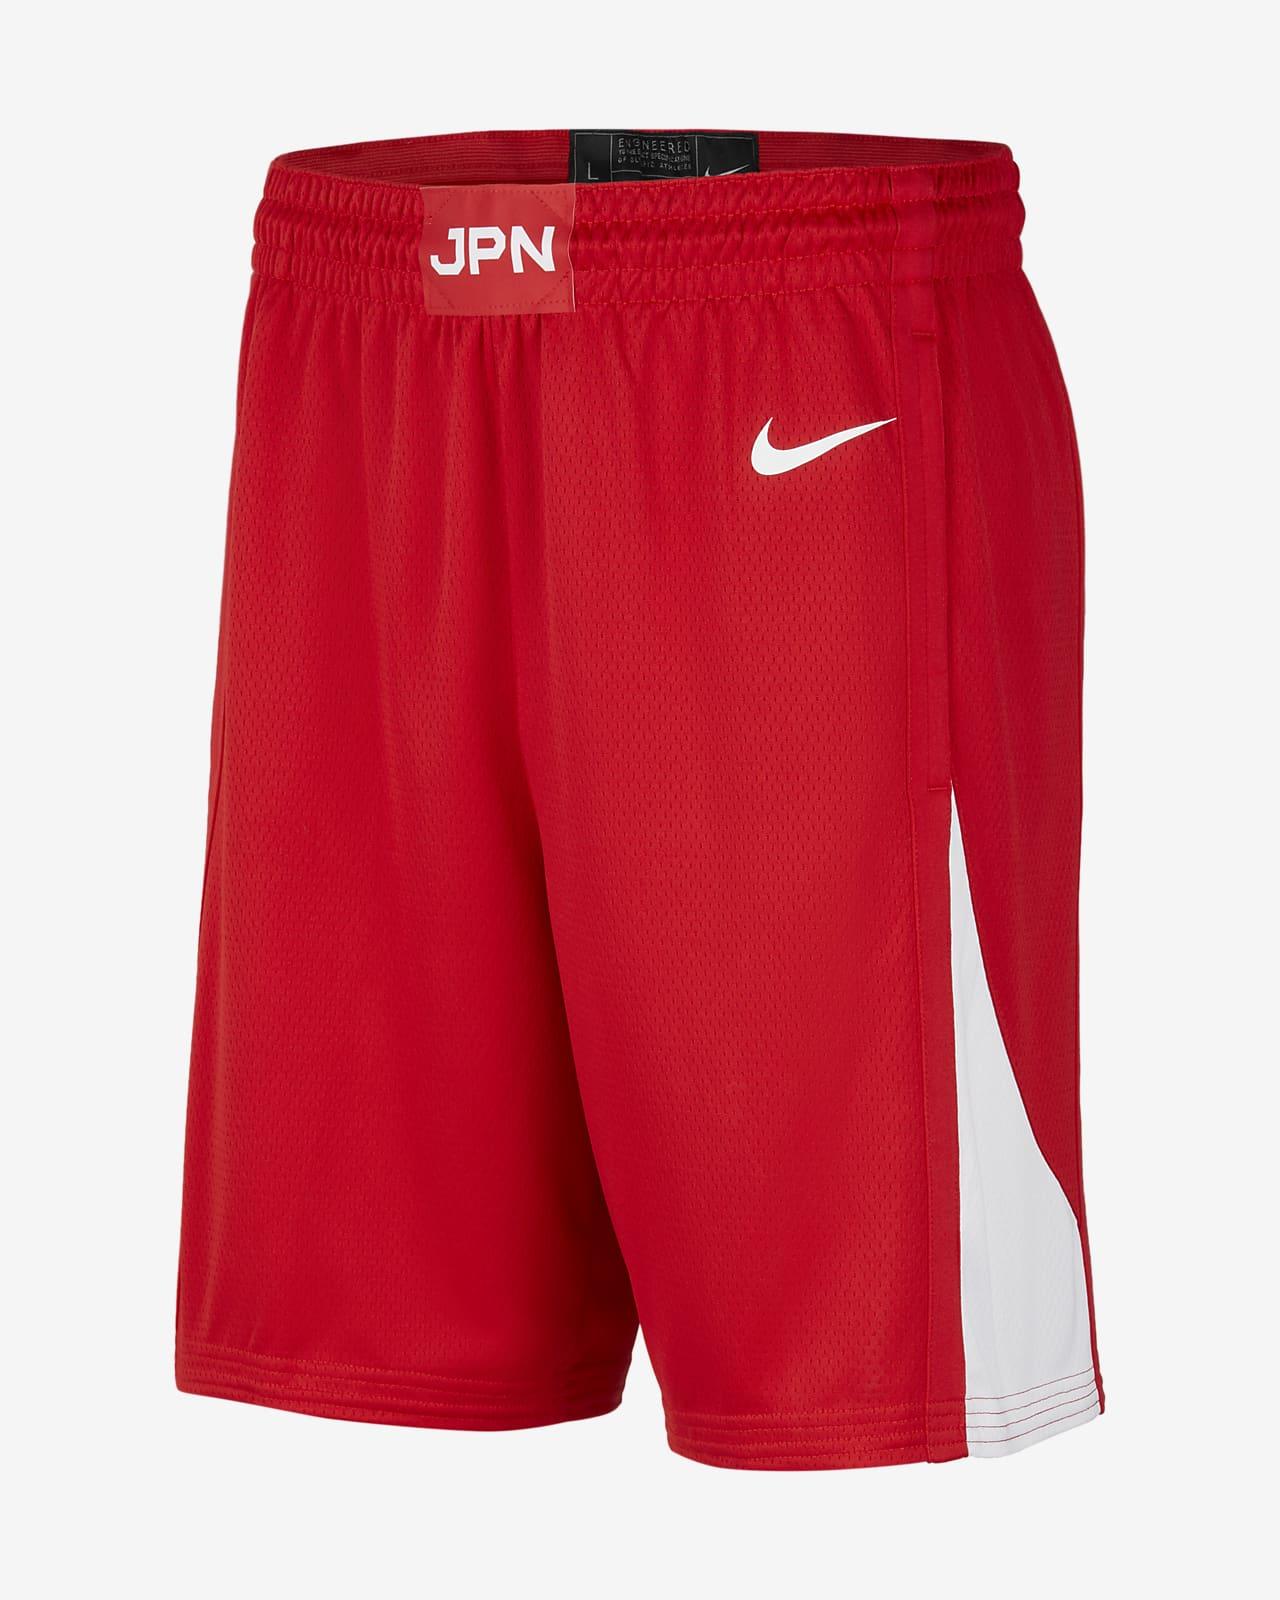 ジャパン (ロード) ナイキ リミテッド メンズ バスケットボールショートパンツ